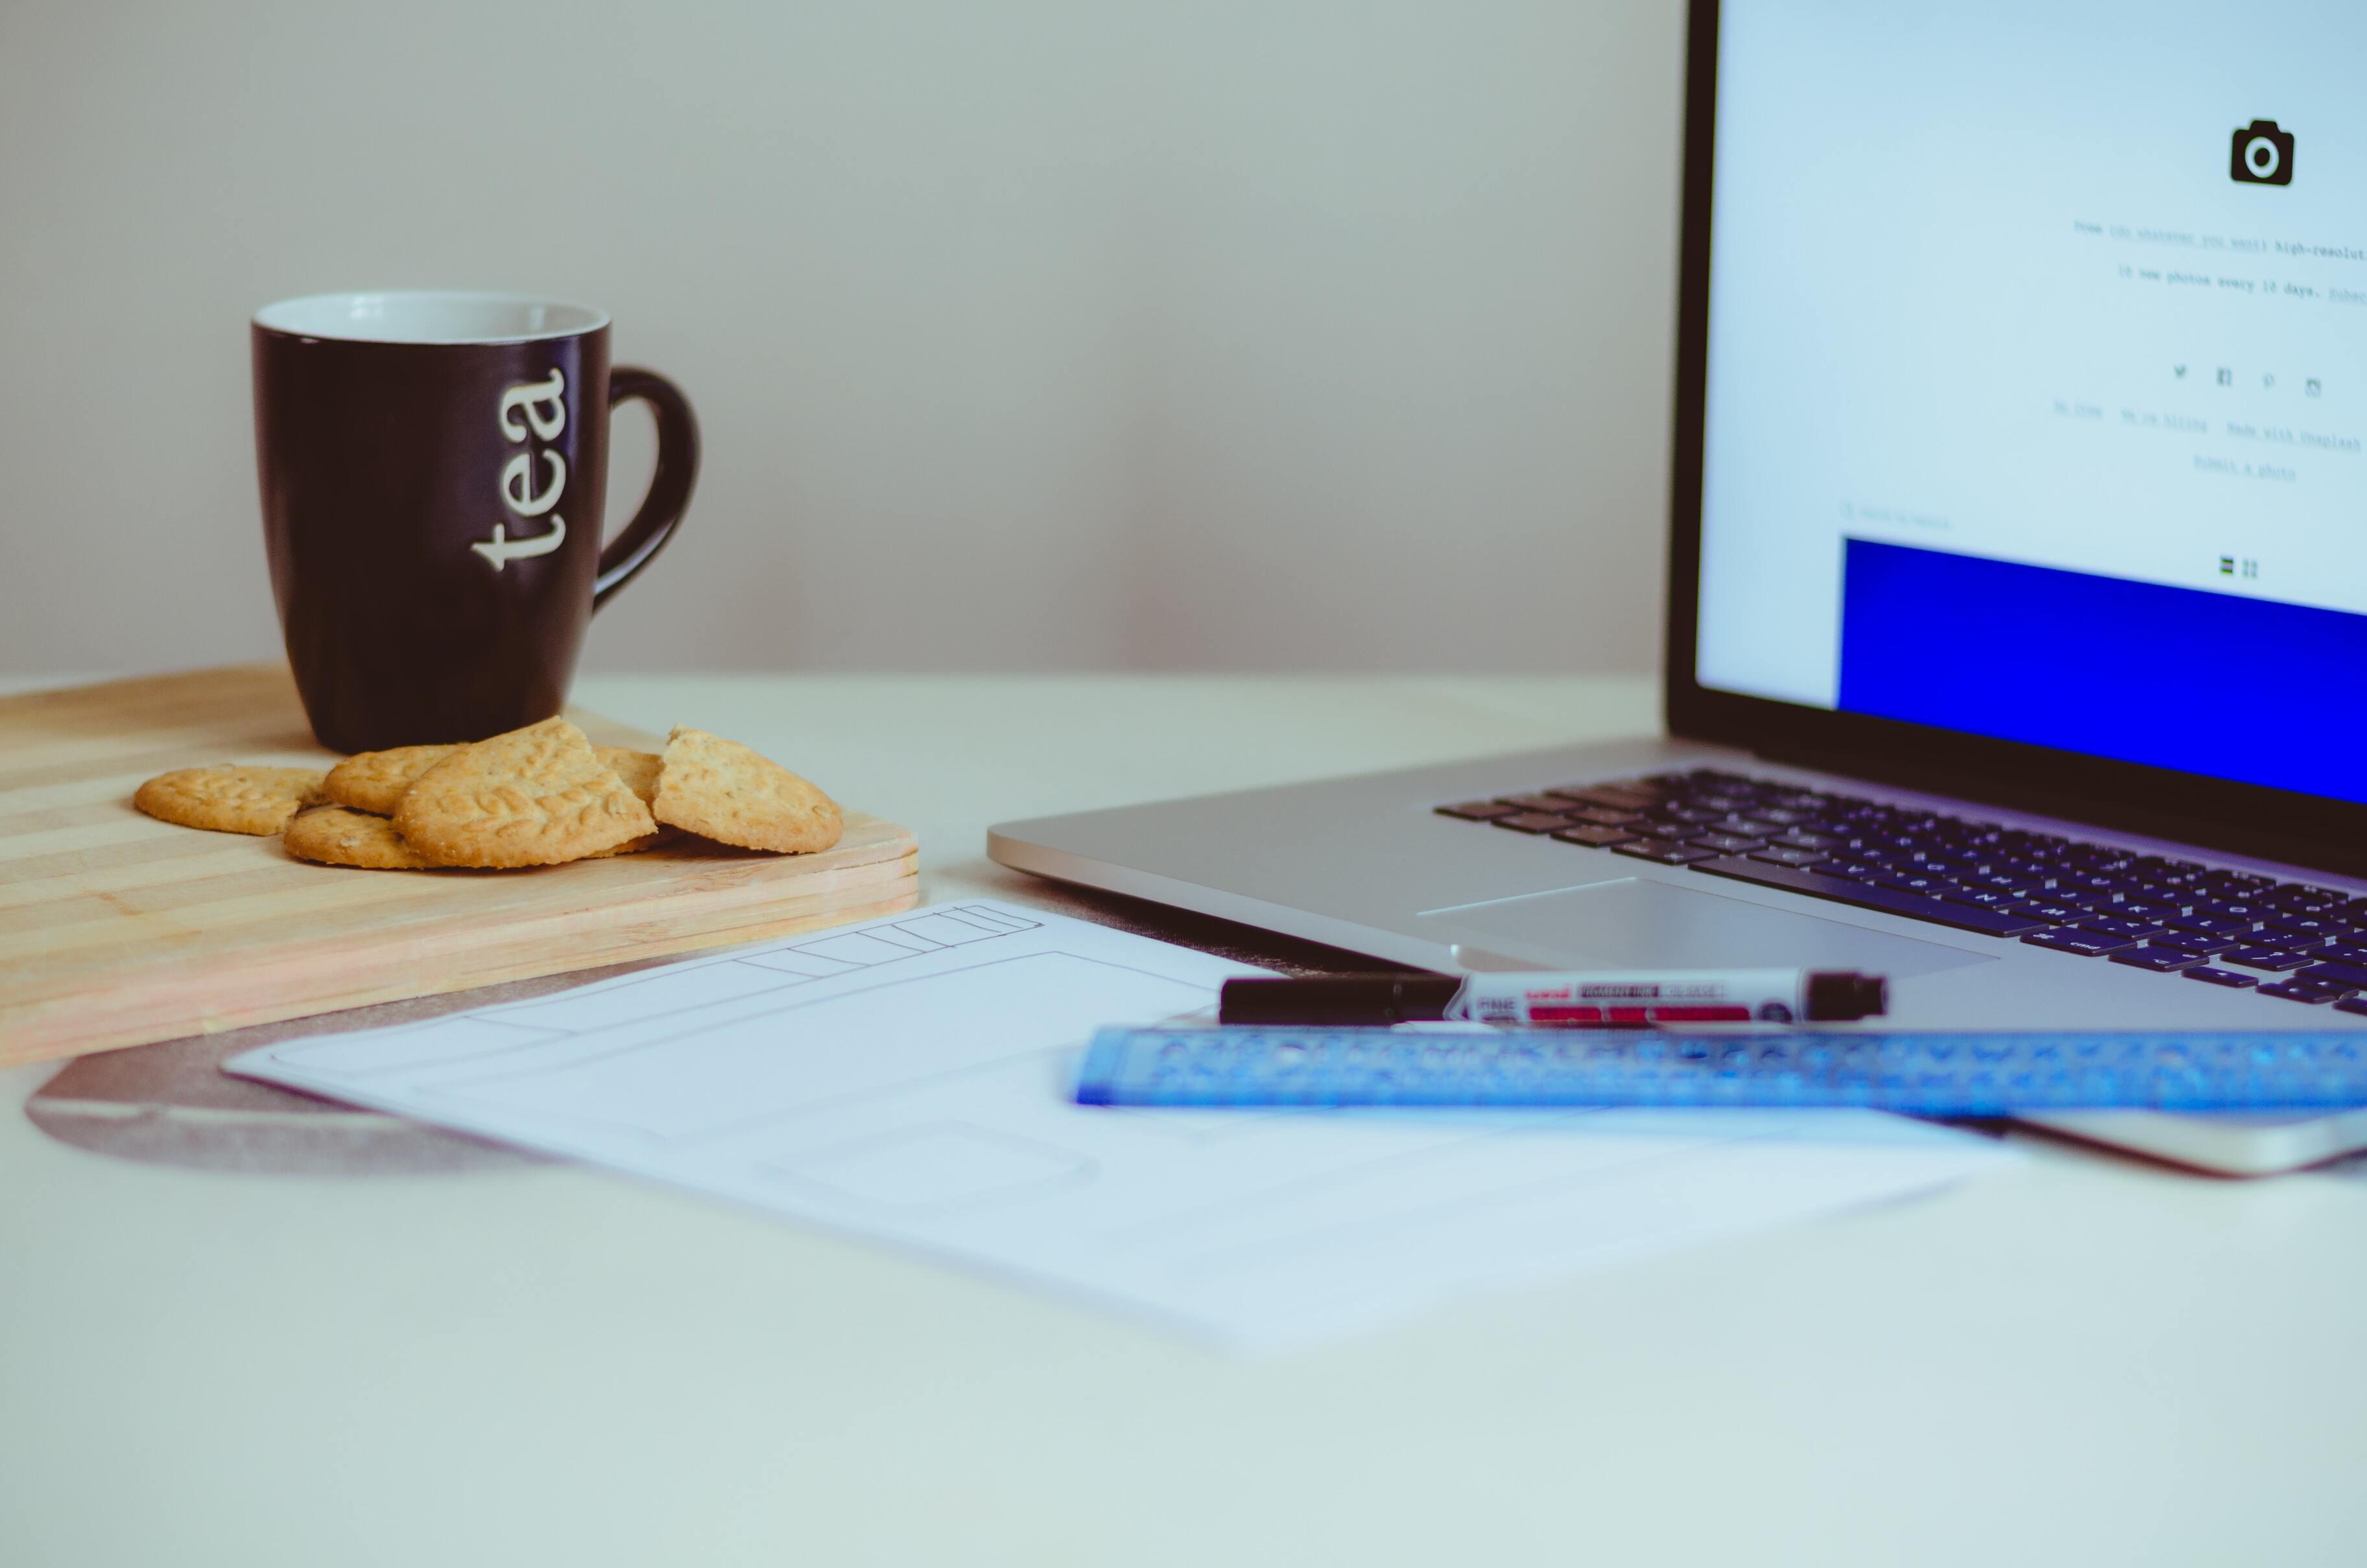 Активисты начнут бороться против всплывающих окон об использовании cookie на сайтах